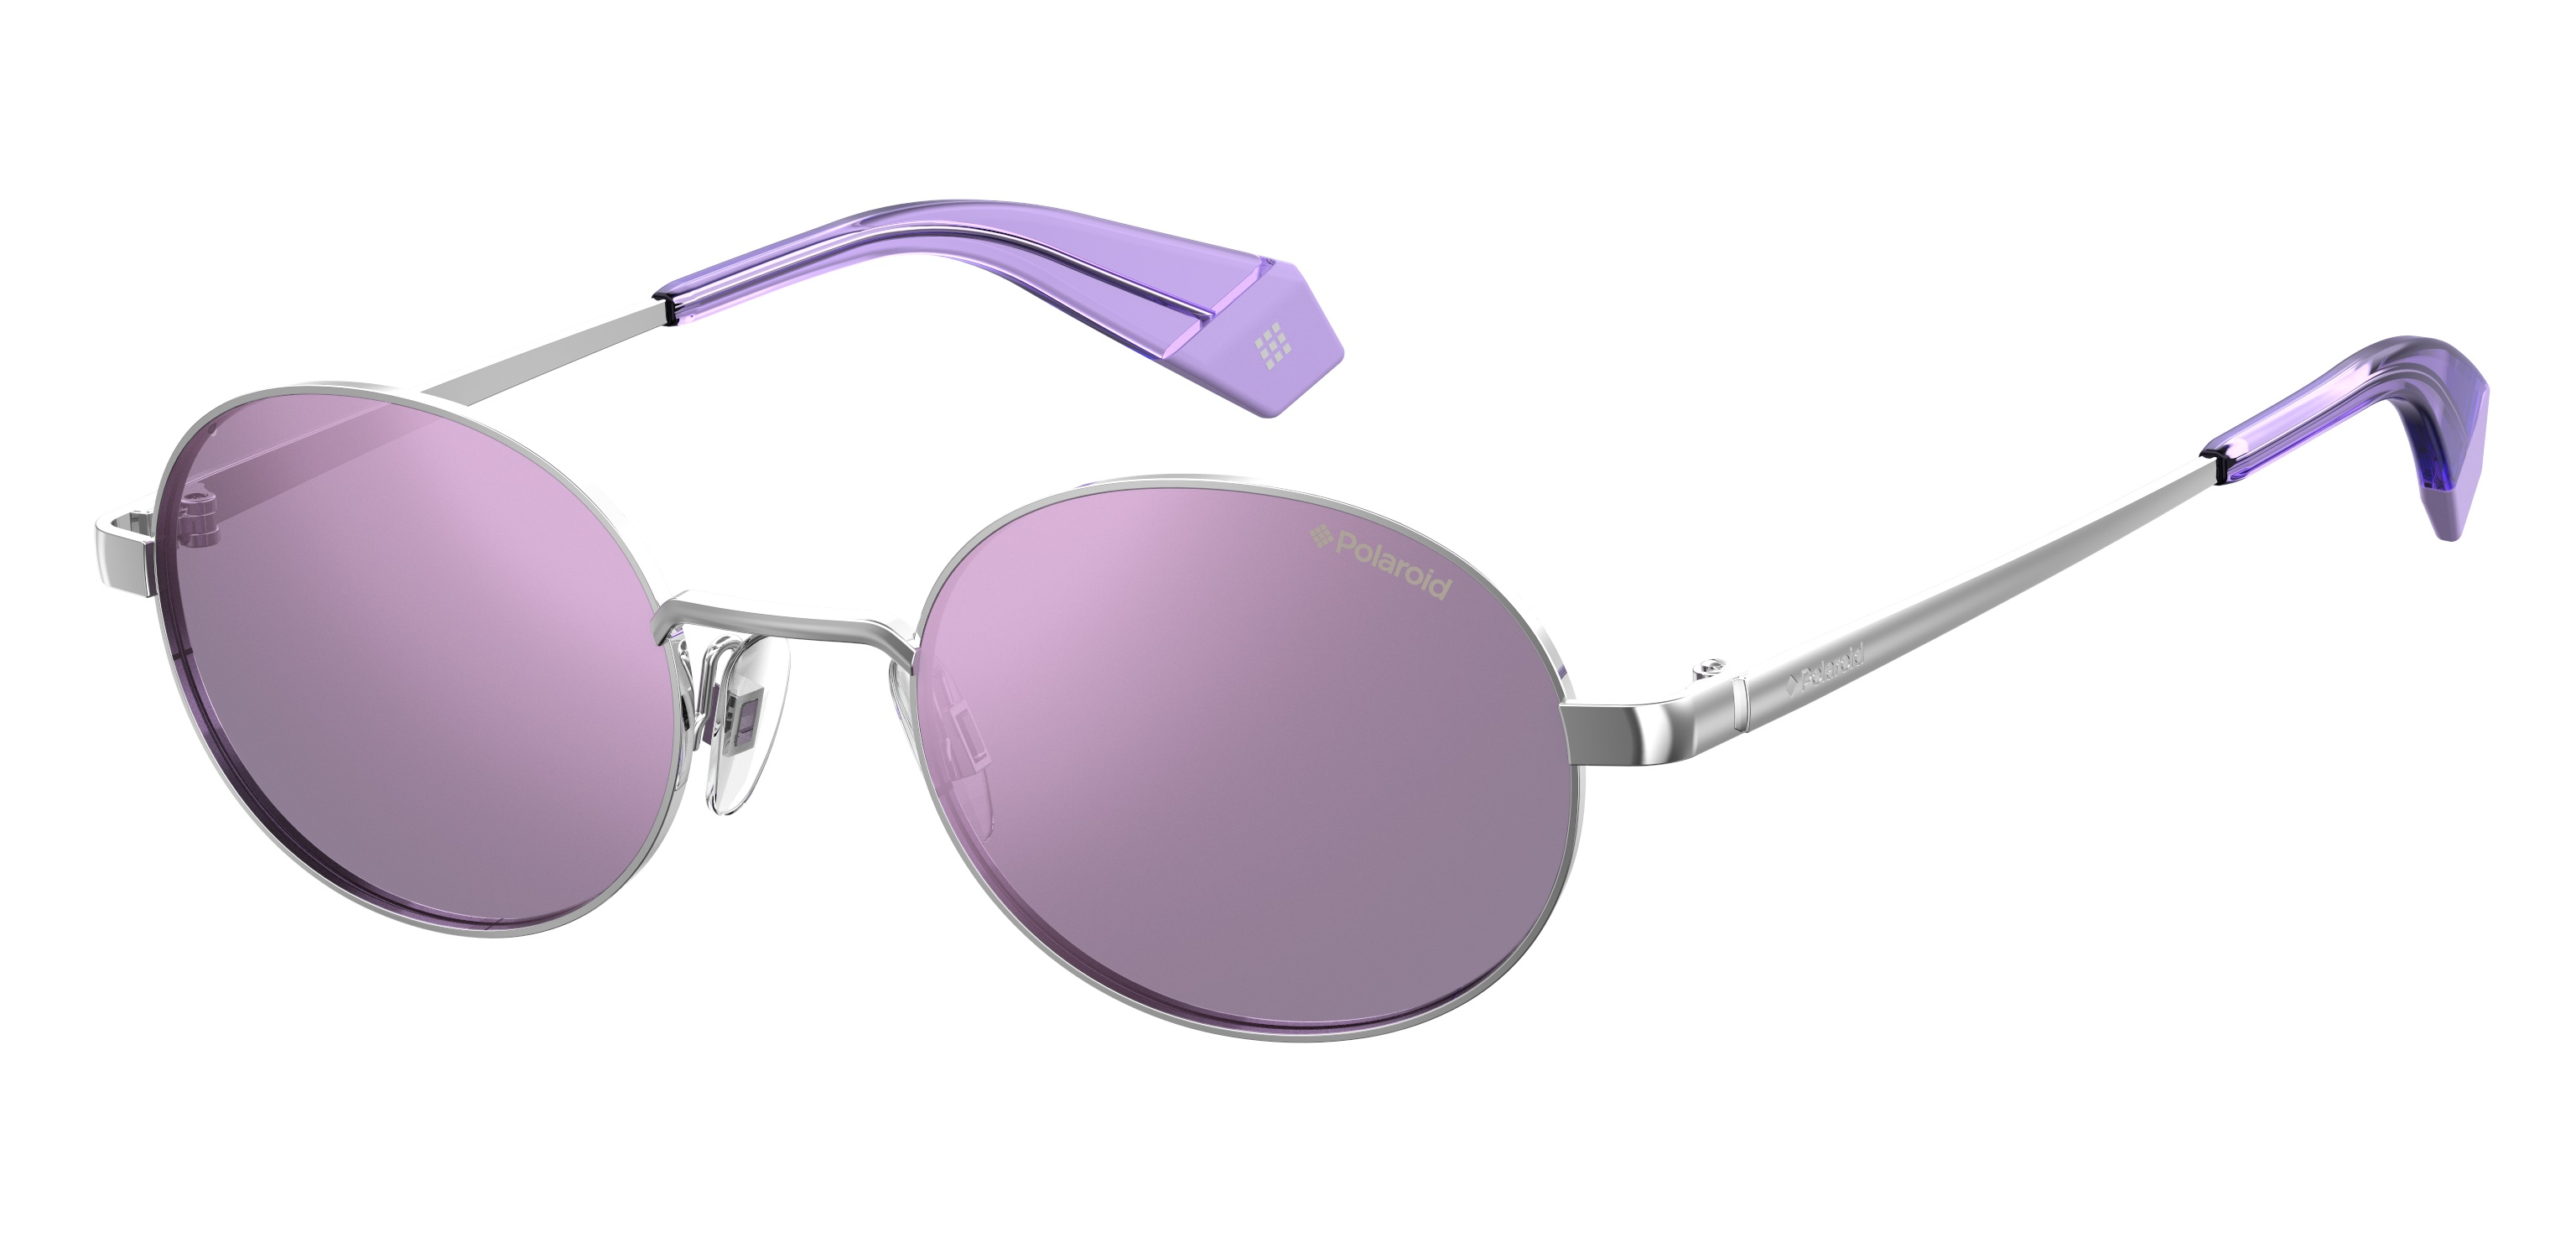 4c5288056a Τα γυαλιά ηλίου PLD 6066 s διαθέτουν οβάλ μεταλλική φόρμα με ακροβραχιόνια  στο χρώμα των φακών